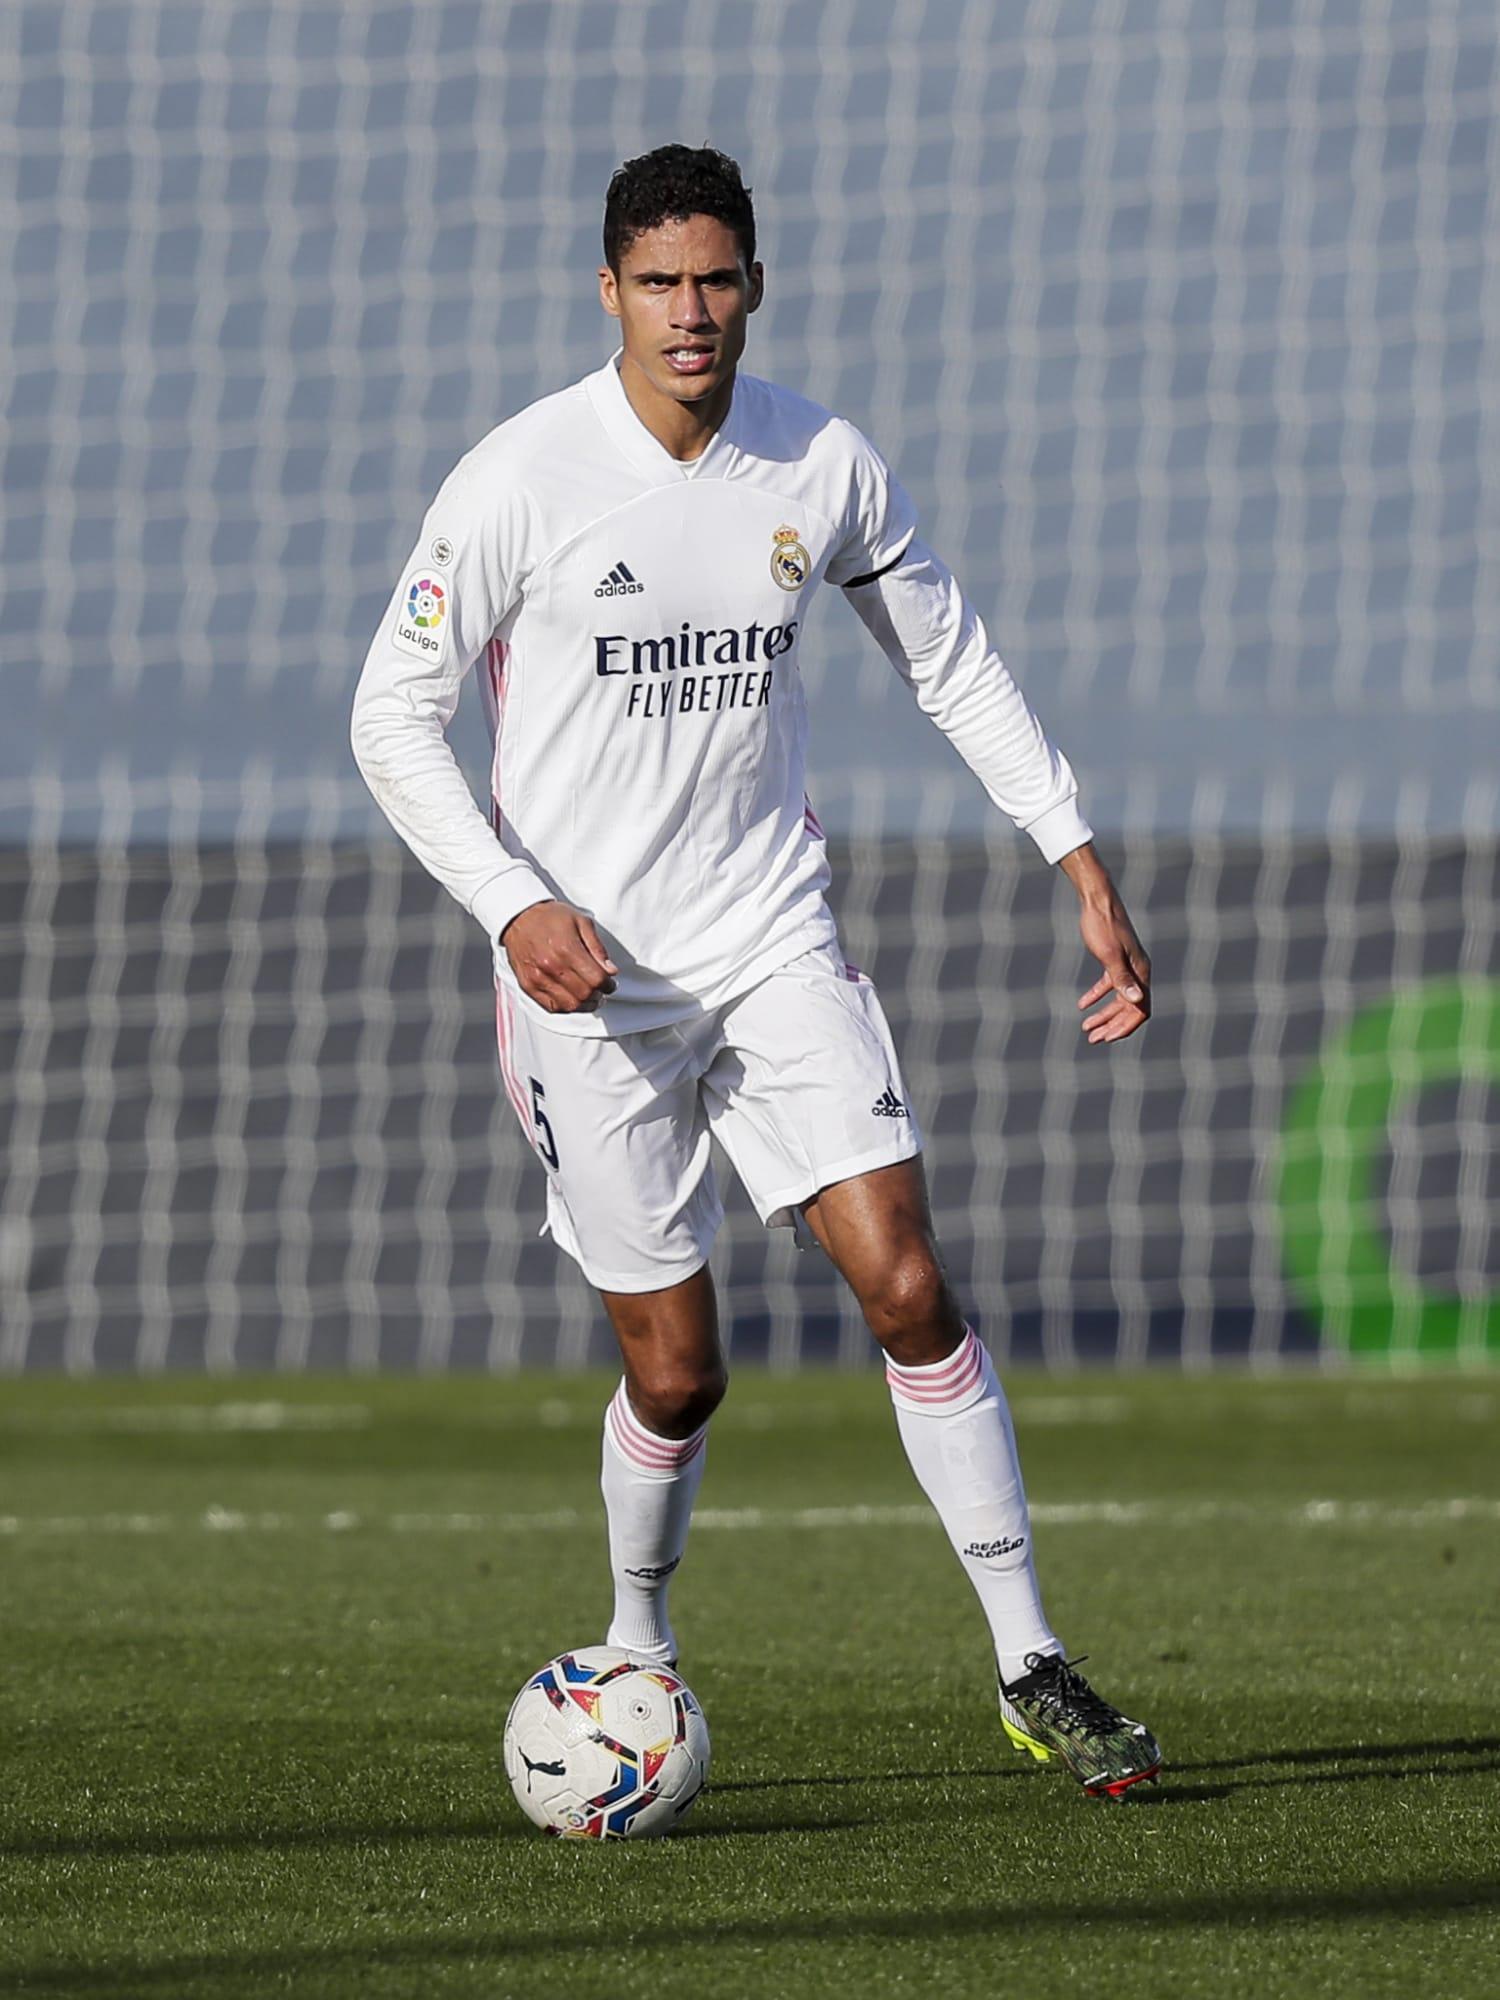 Real Madrid Predicted Lineup vs Atalanta: No Surprises - The Real Champs